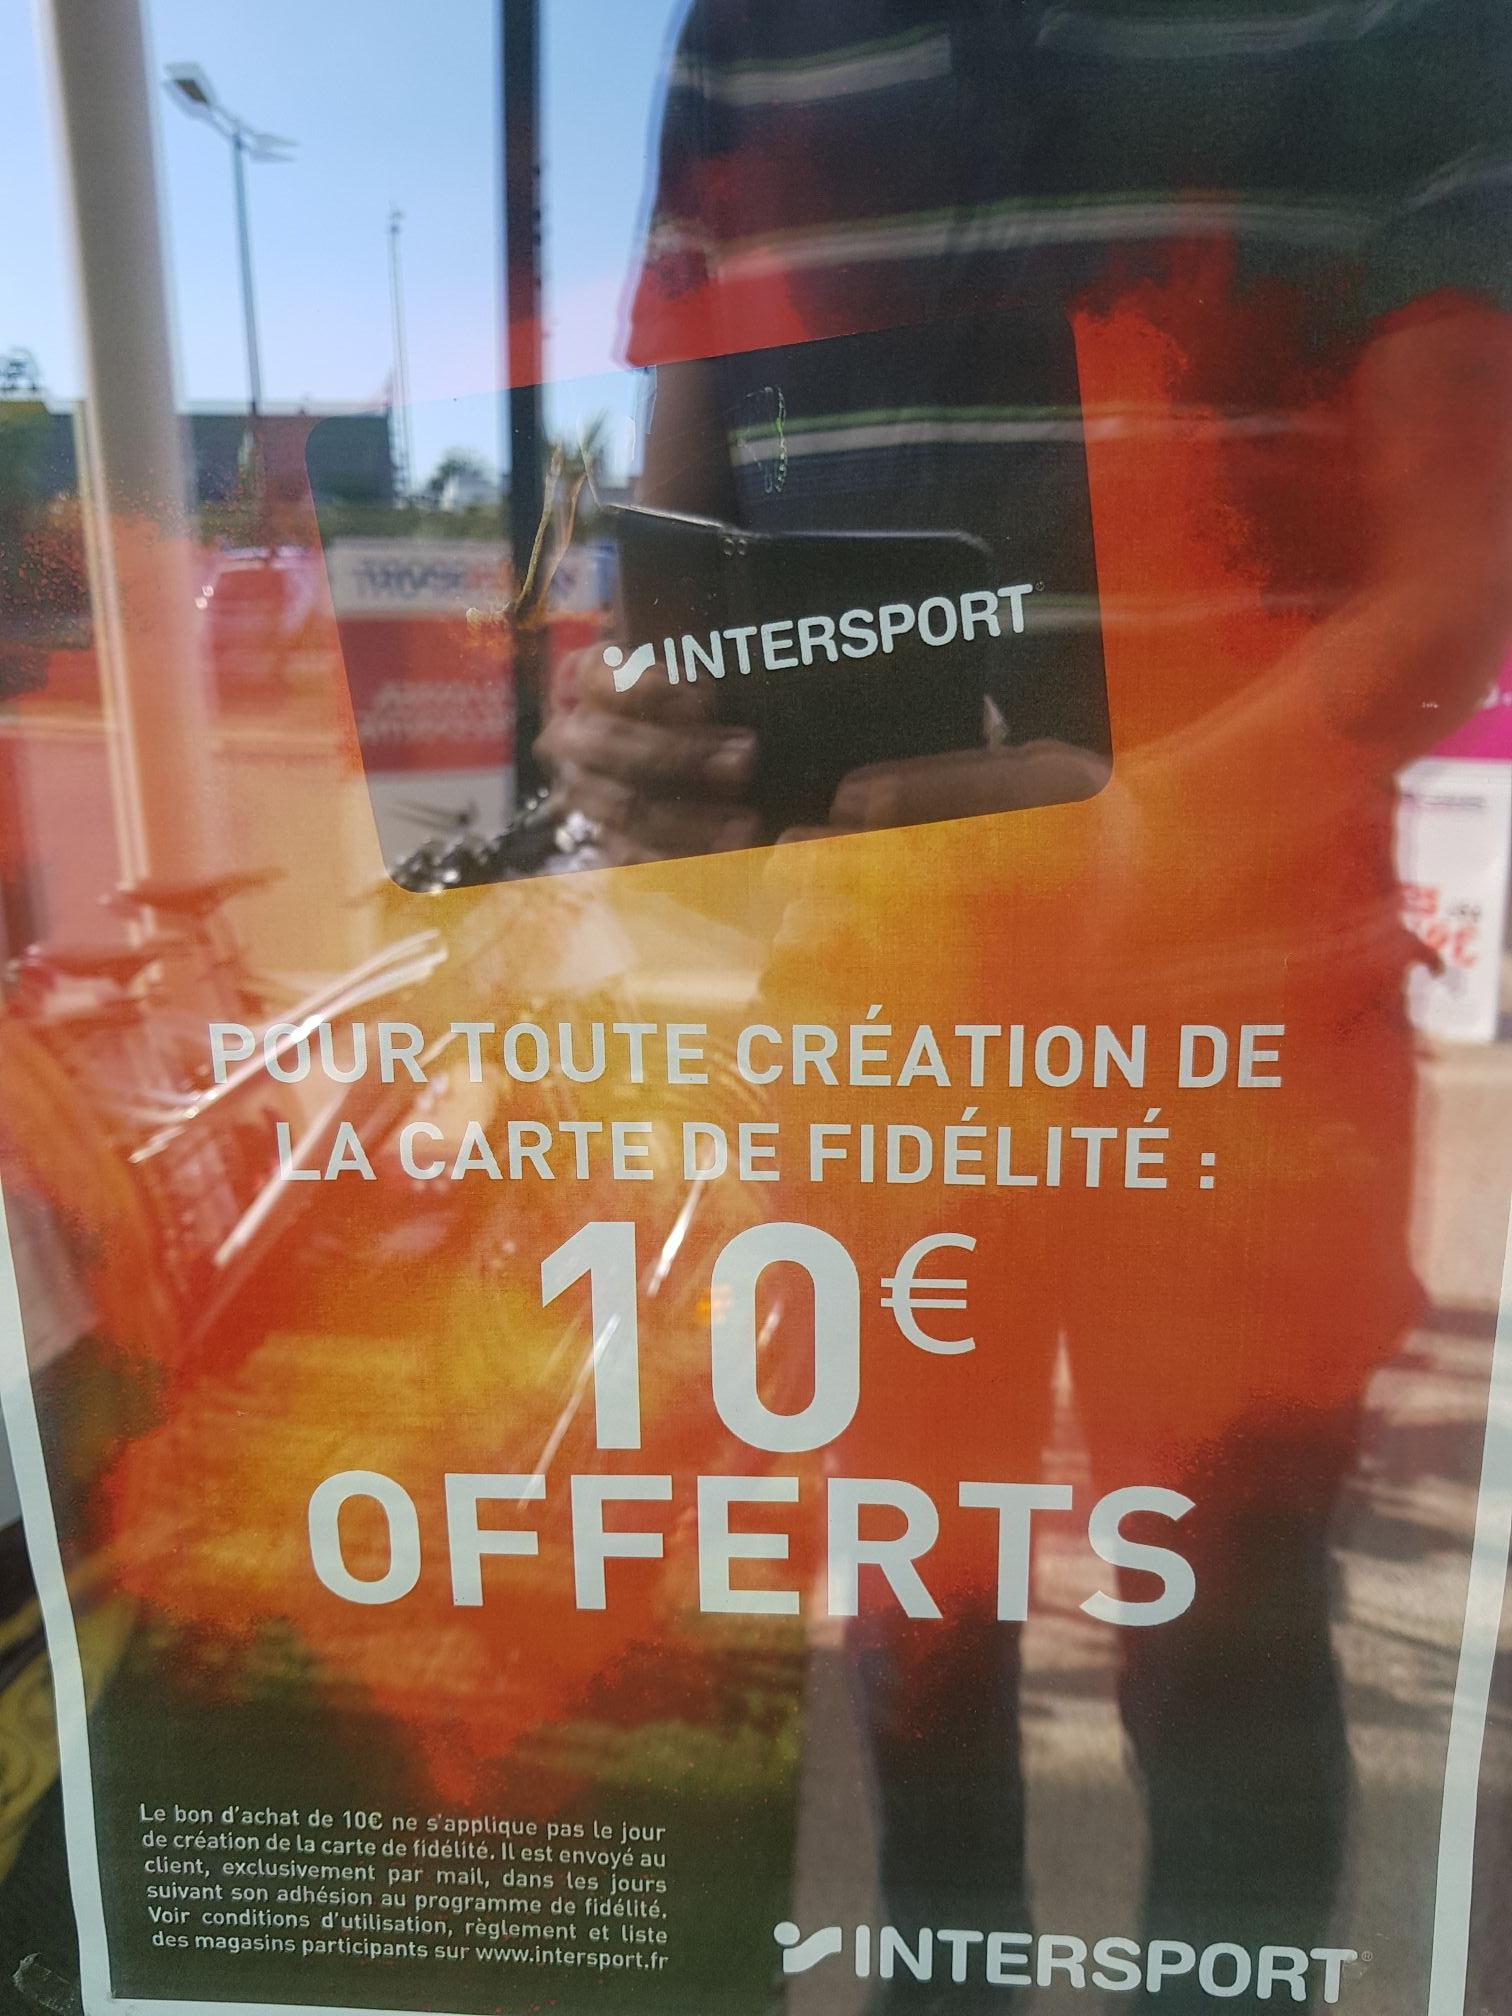 Bon de 10€ offert pour toute souscription à la carte fidélité - Intersport Granville (50)